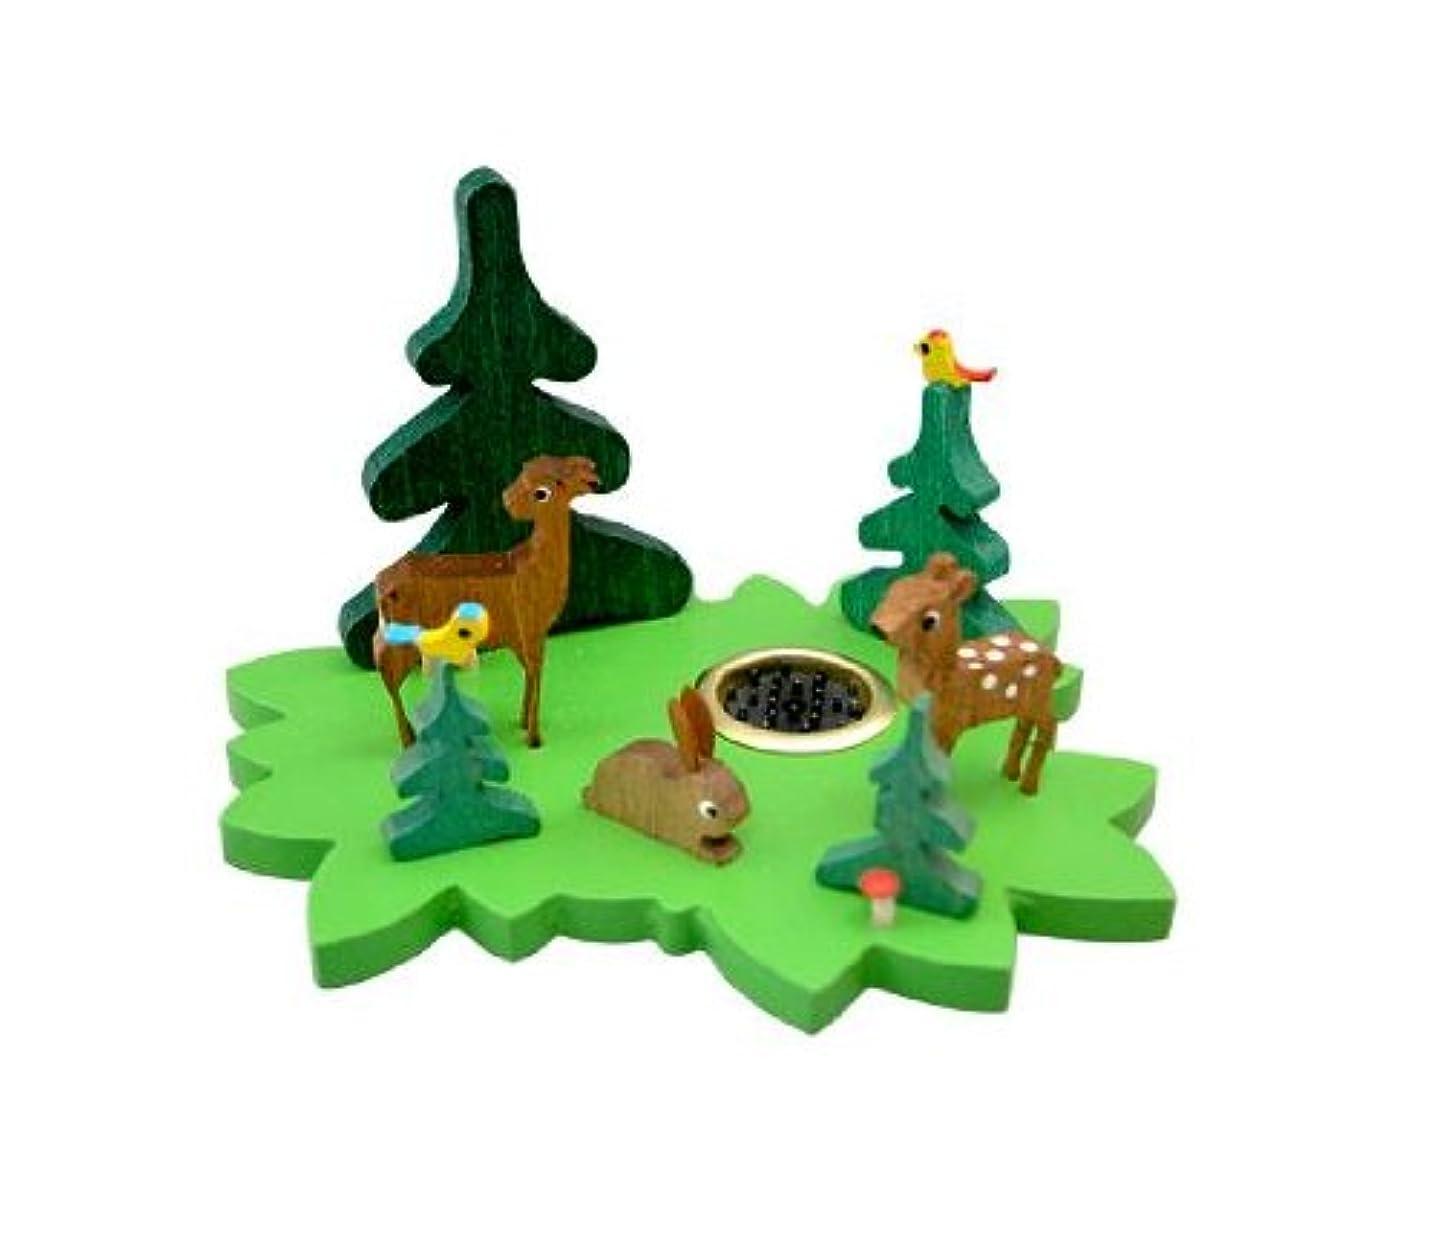 機動タオルレンドインセンススタンド 森の動物 グリーン